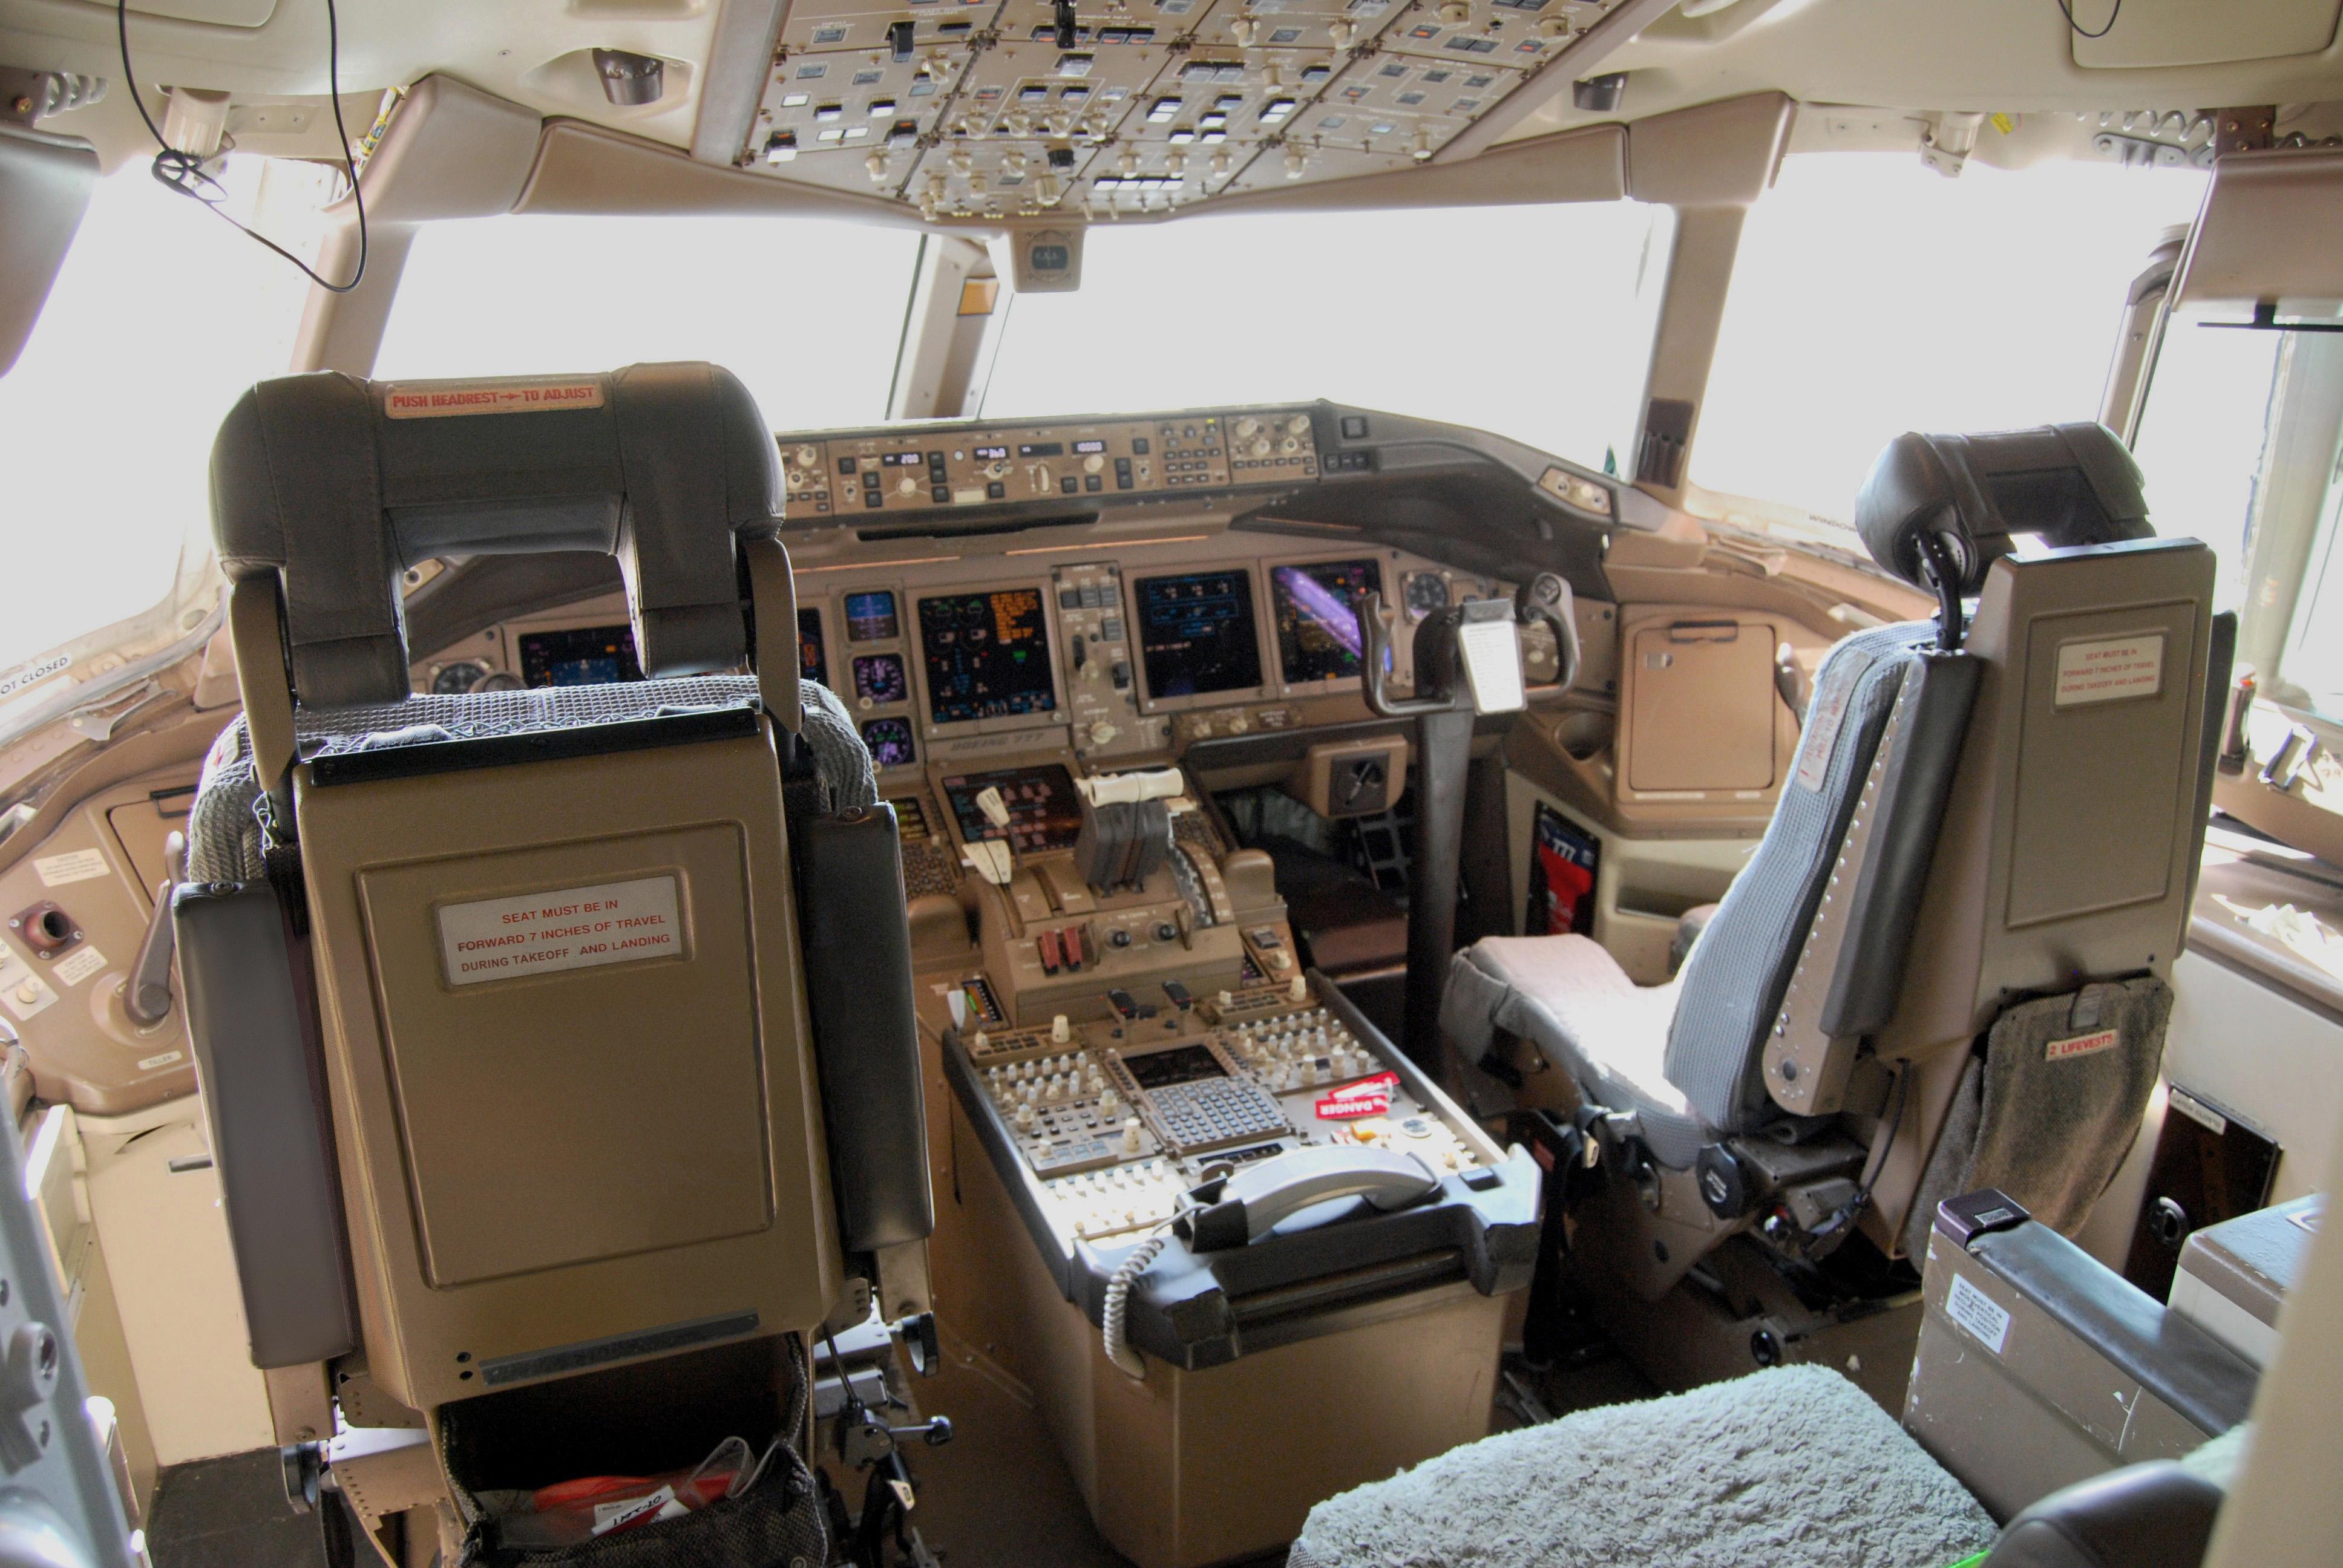 Boeing 777 200ER Cockpit